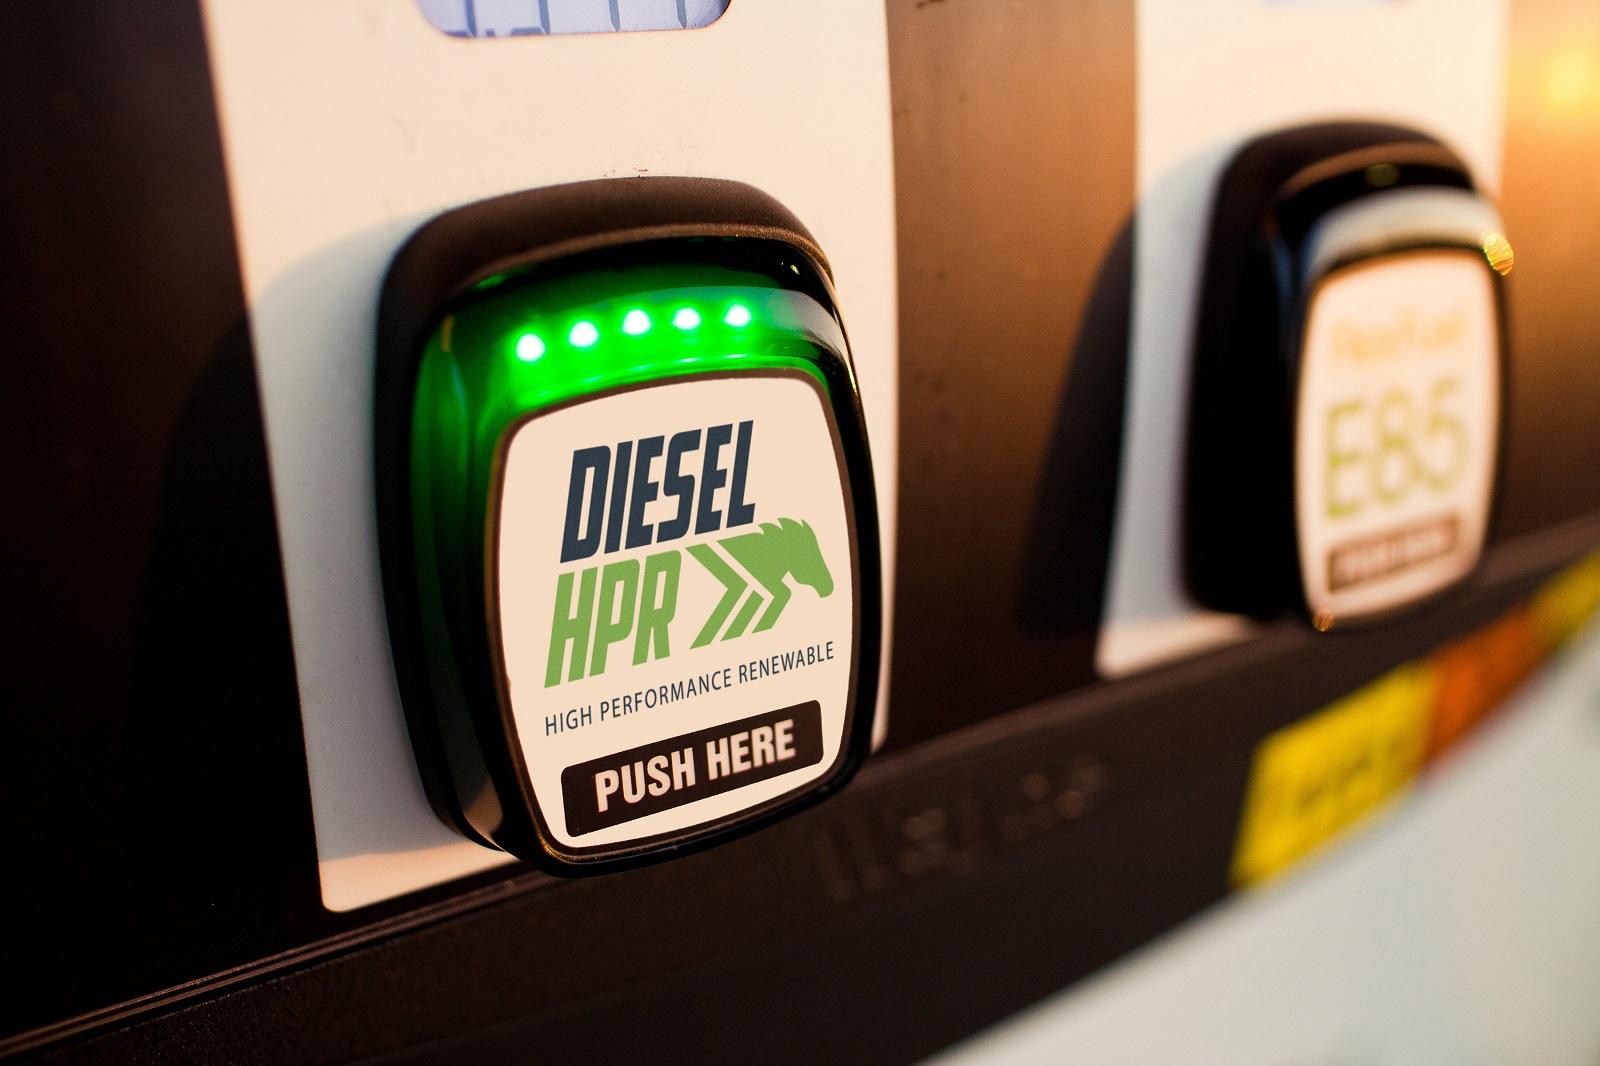 Tesla Gigafactory Update, VW Tests Renewable Diesel, Chevy